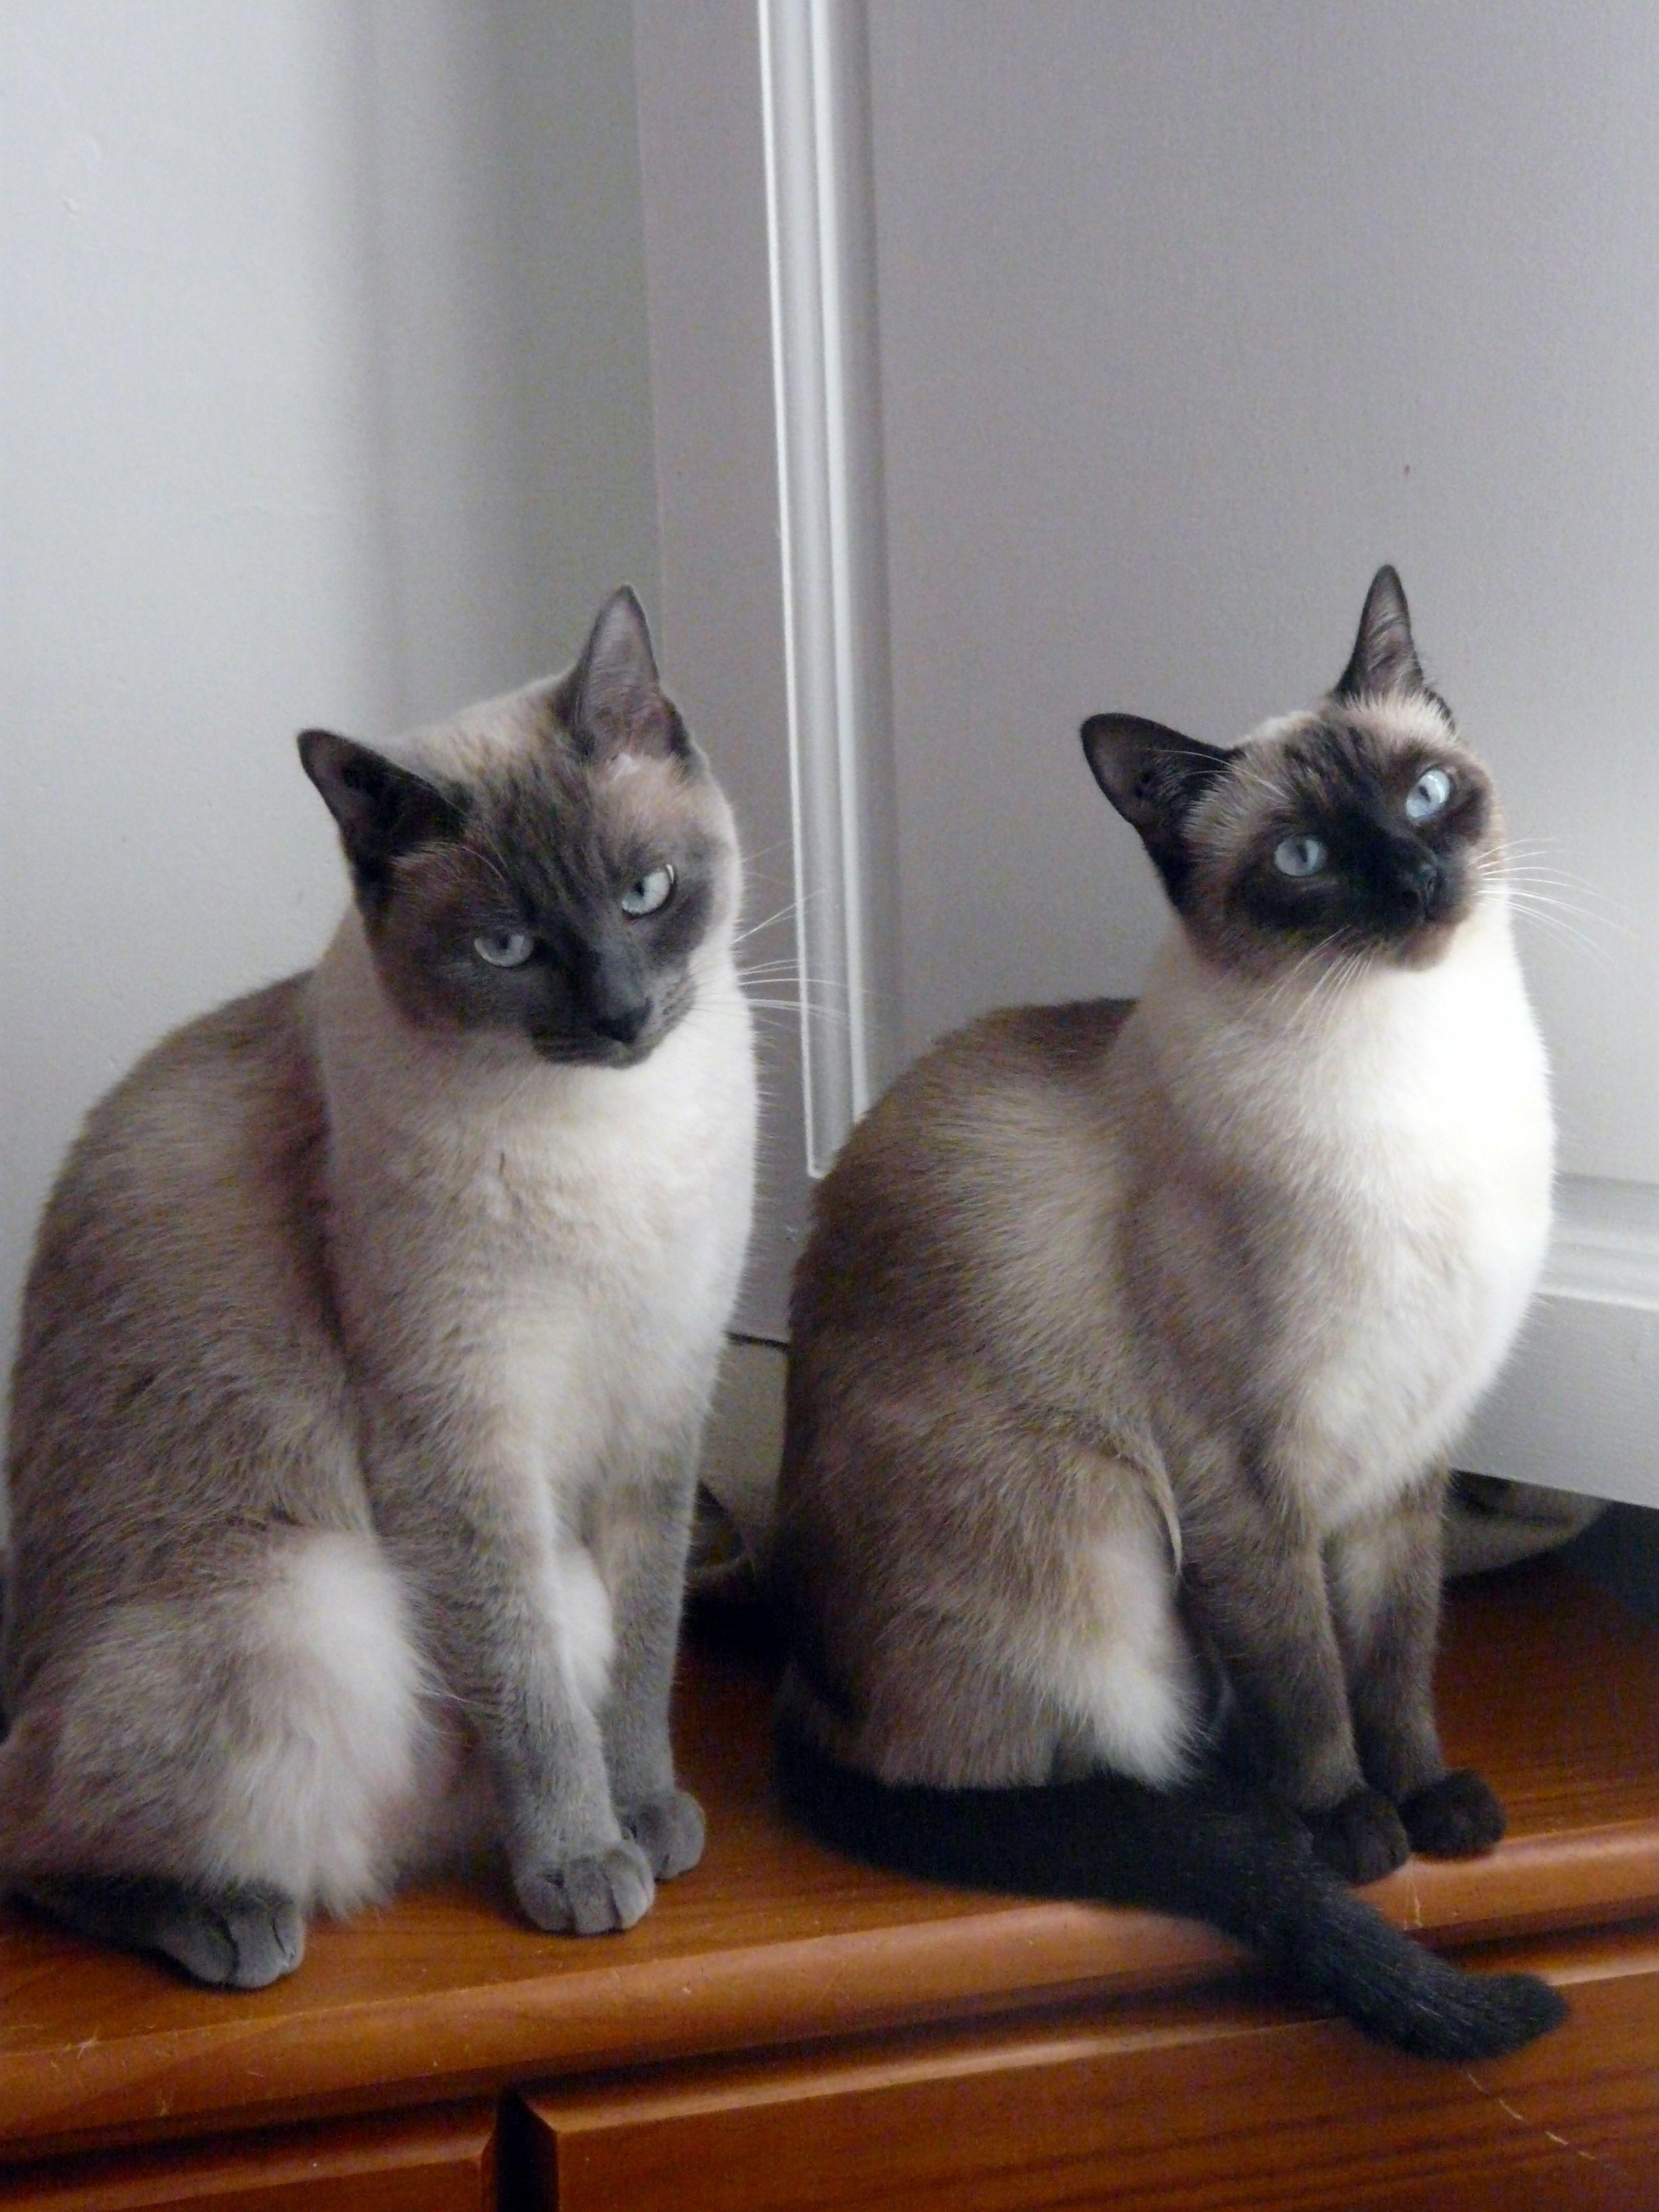 Siamese Kittens So Pretty I Love The Siamese So Elegant But So Much Attitude Siamese Cats Siamese Kittens Pretty Cats